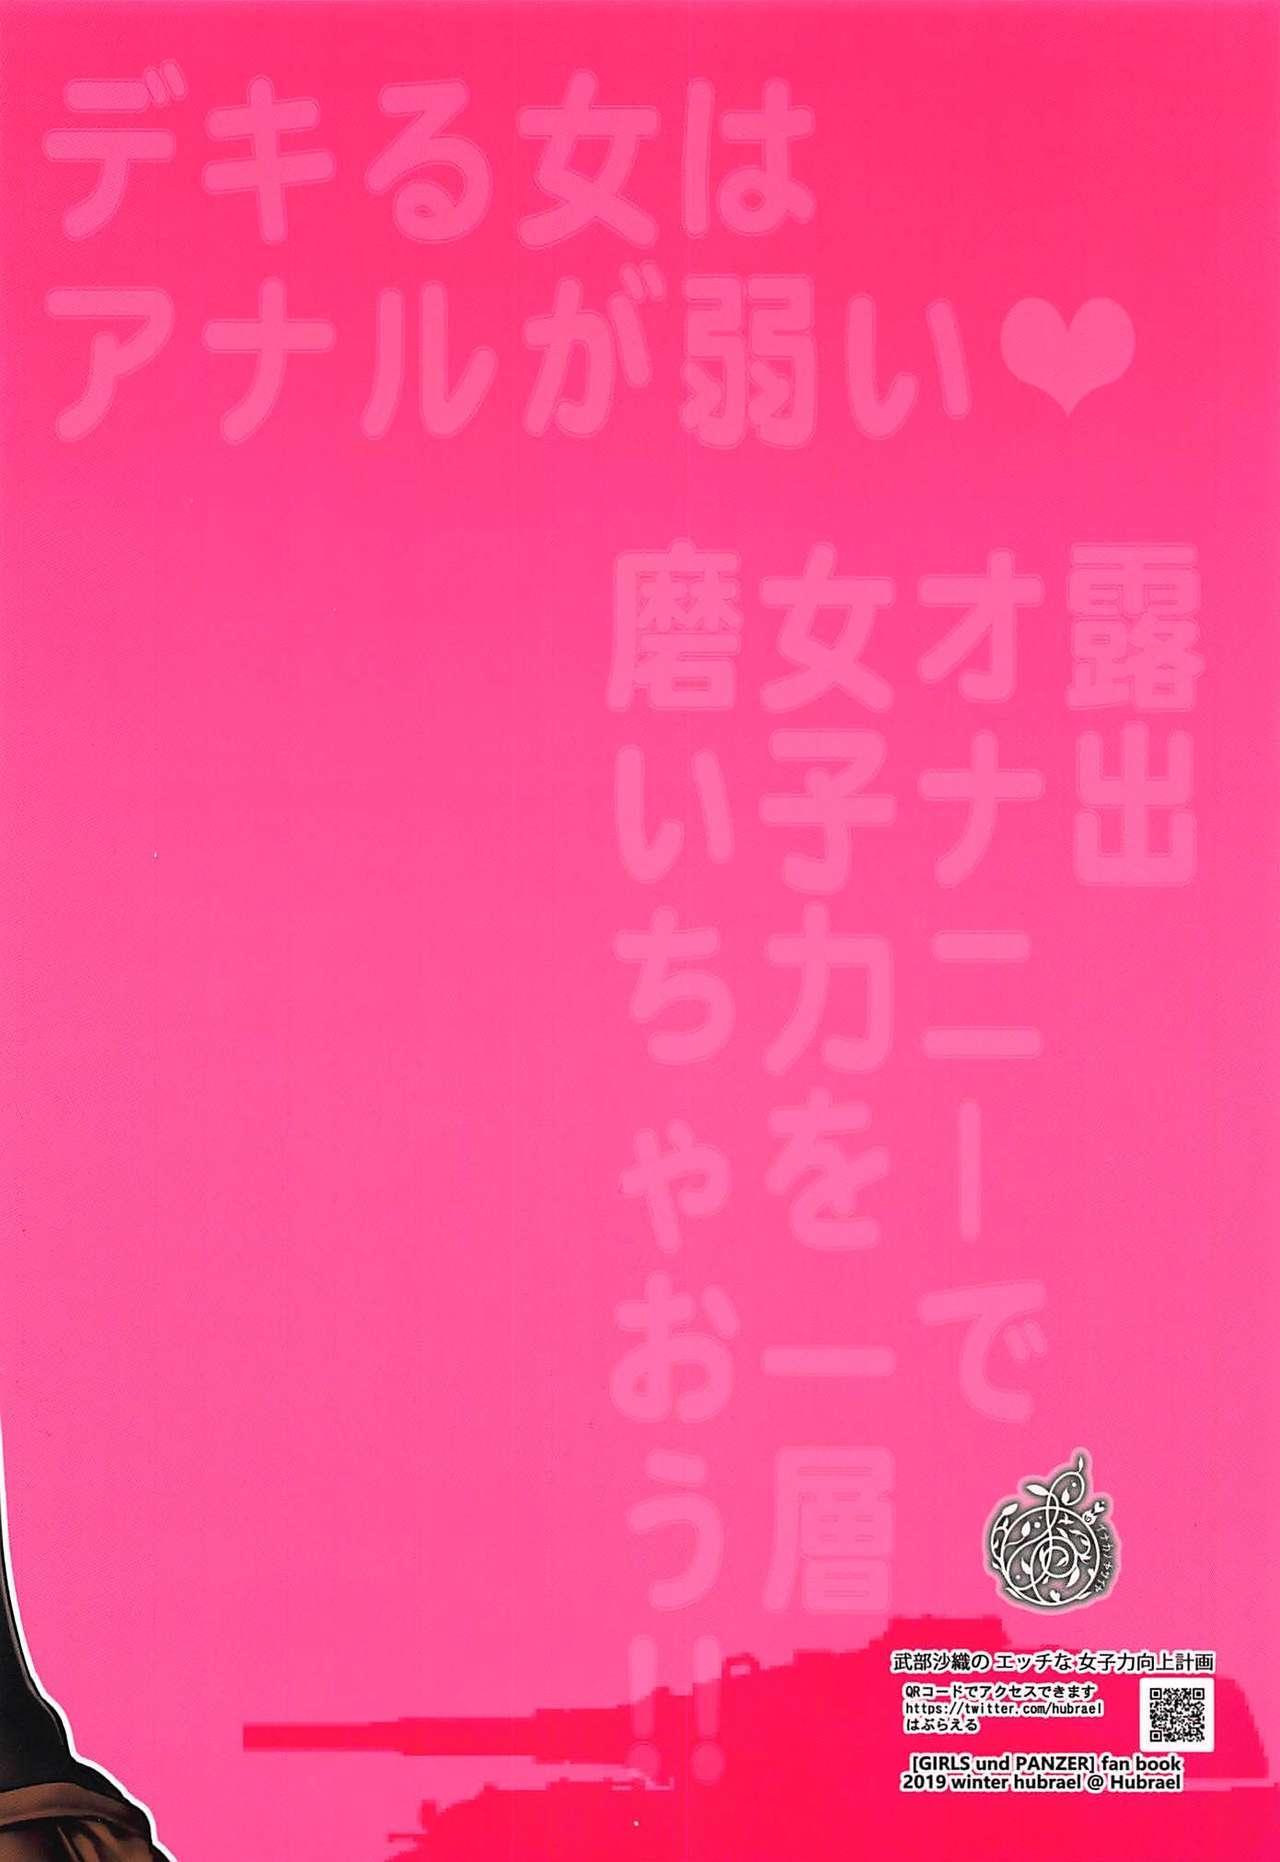 Takebe Saori no Ecchi na Joshiryoku Koujyou Keikaku 22